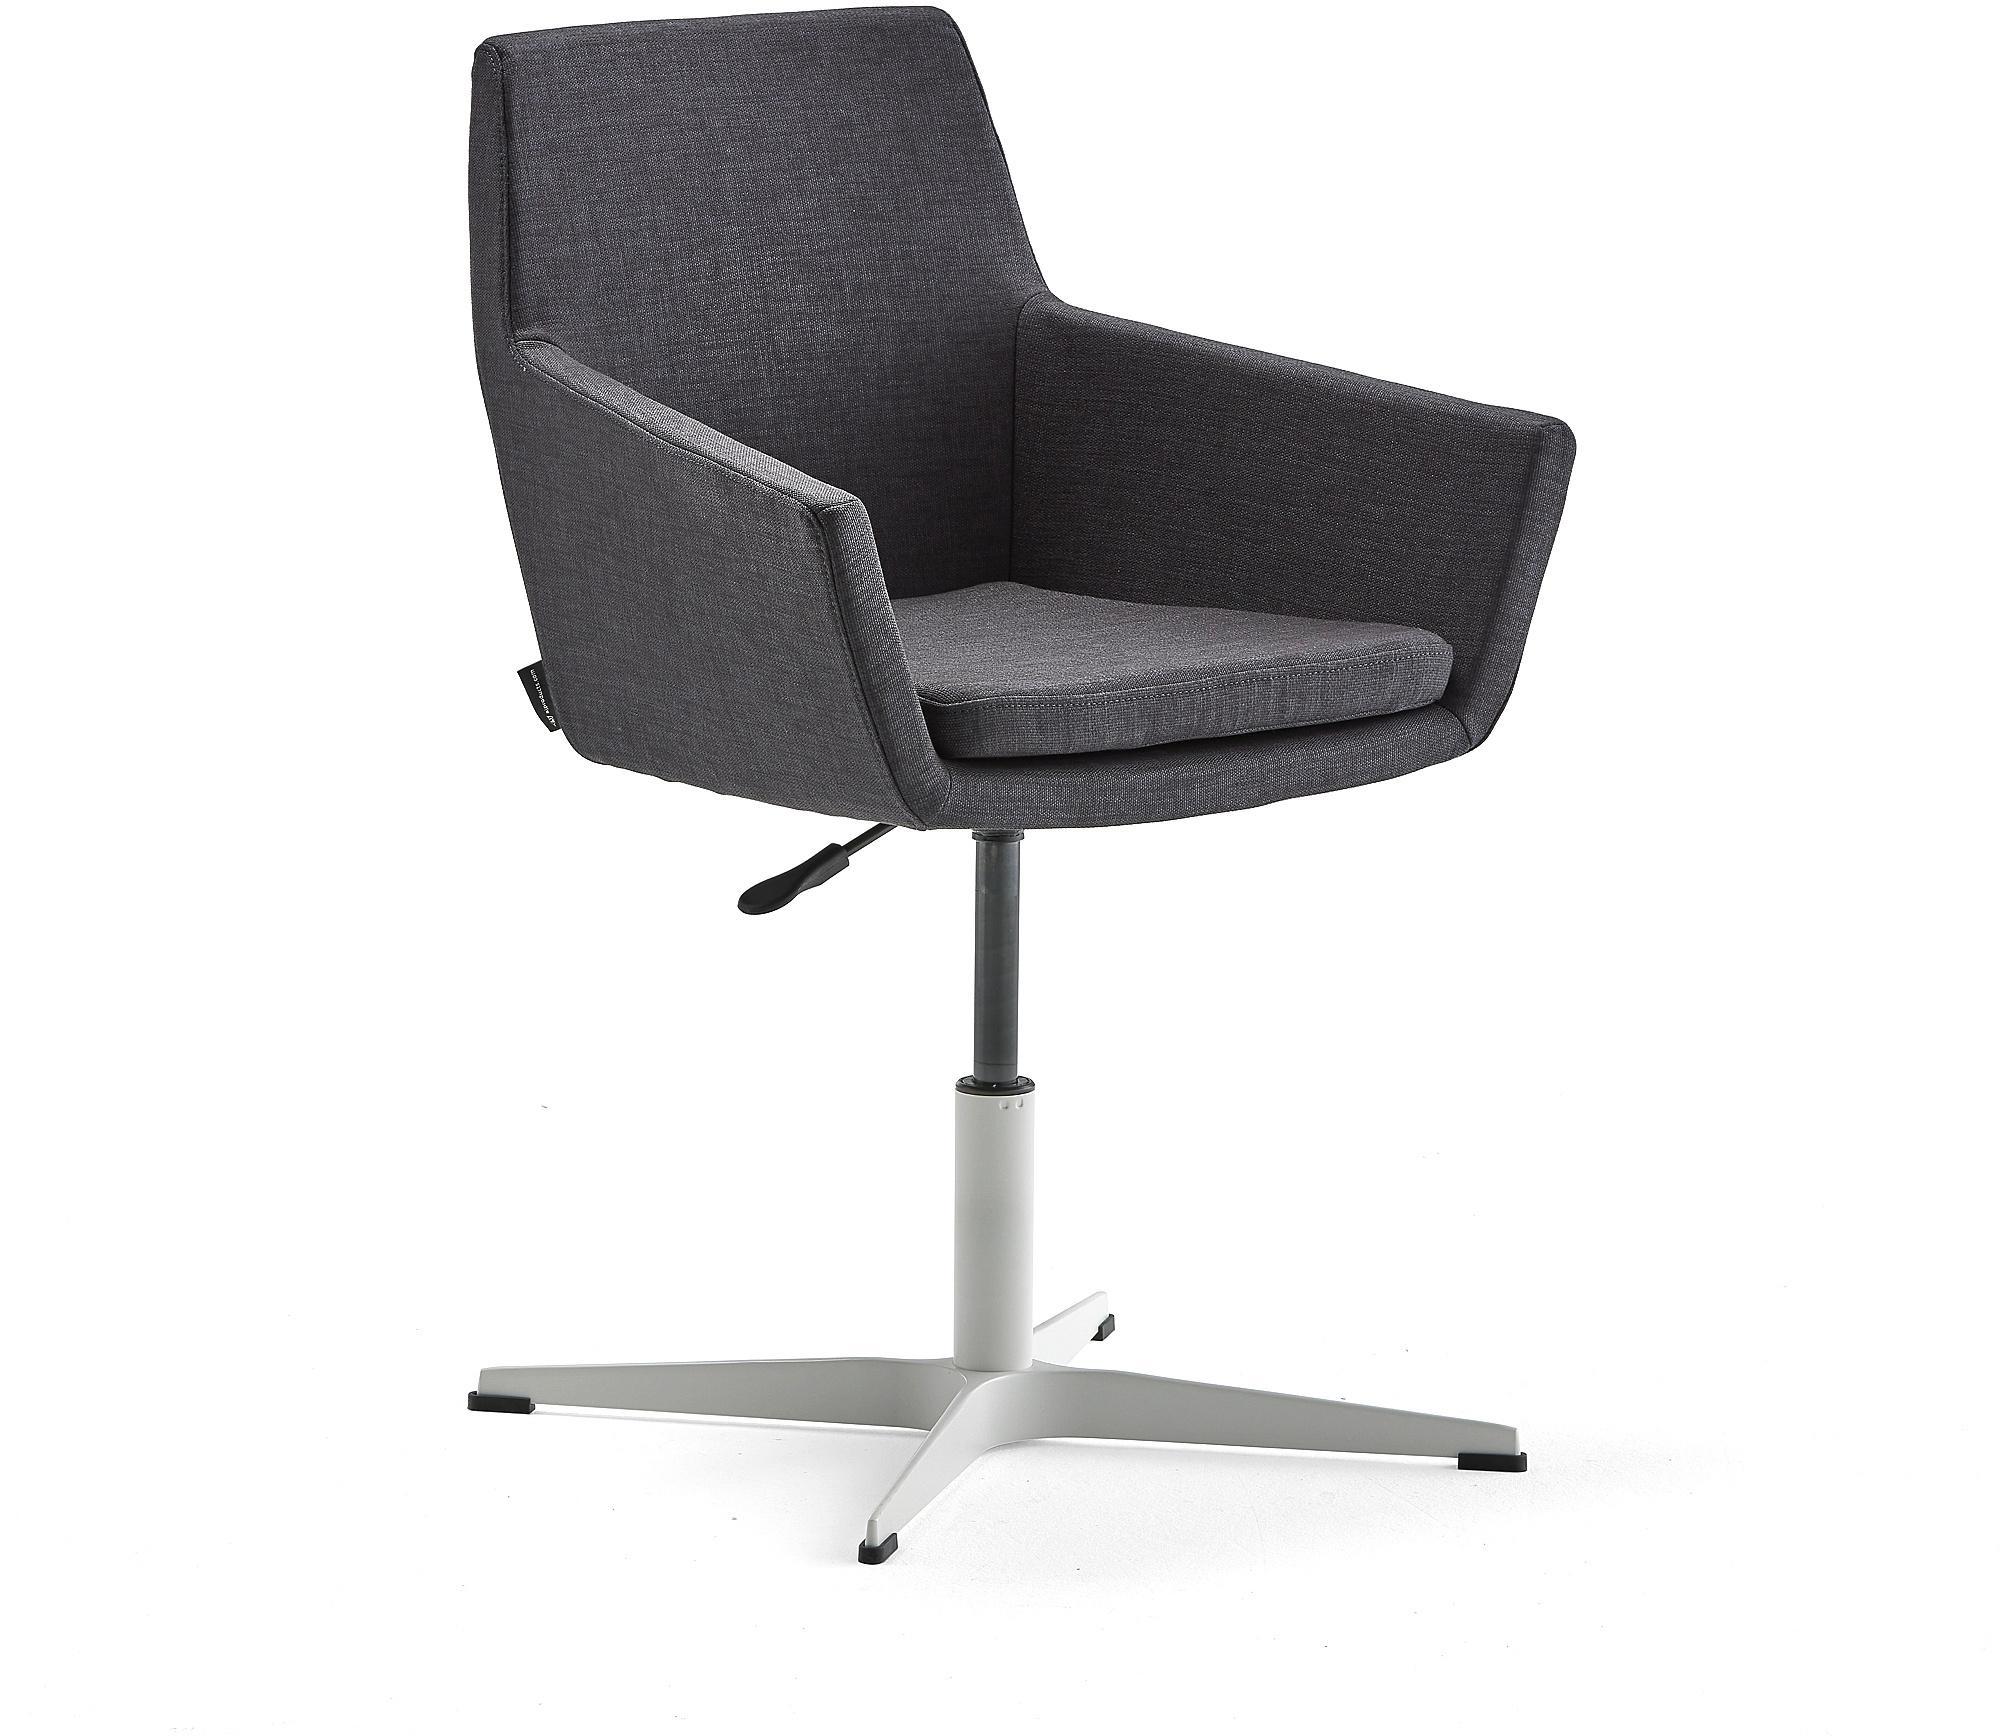 Konferenčná stolička Fairfield, biela, antracit